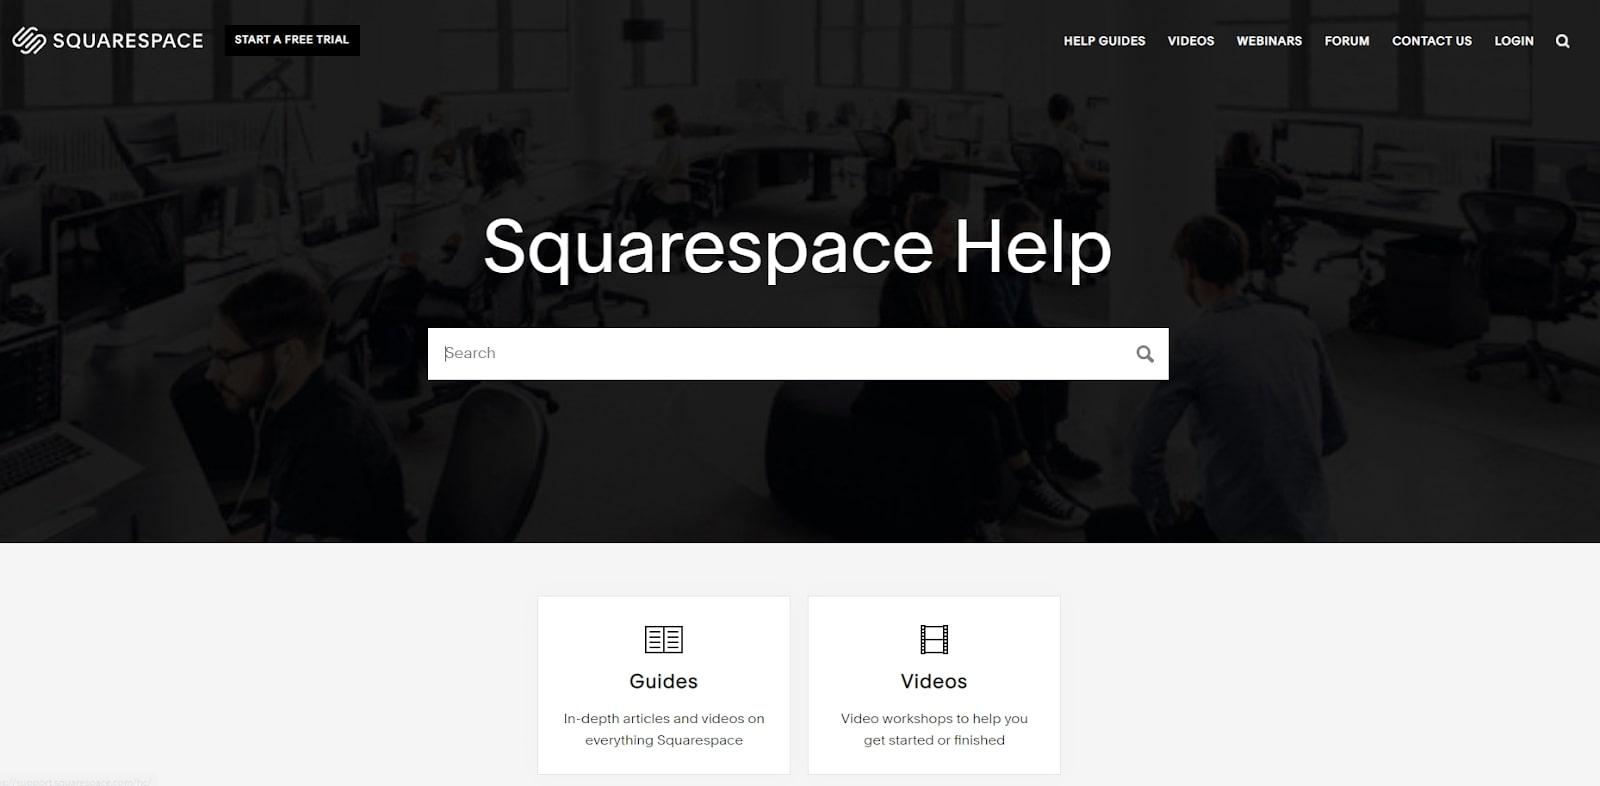 Site Web d'assistance Squarespace